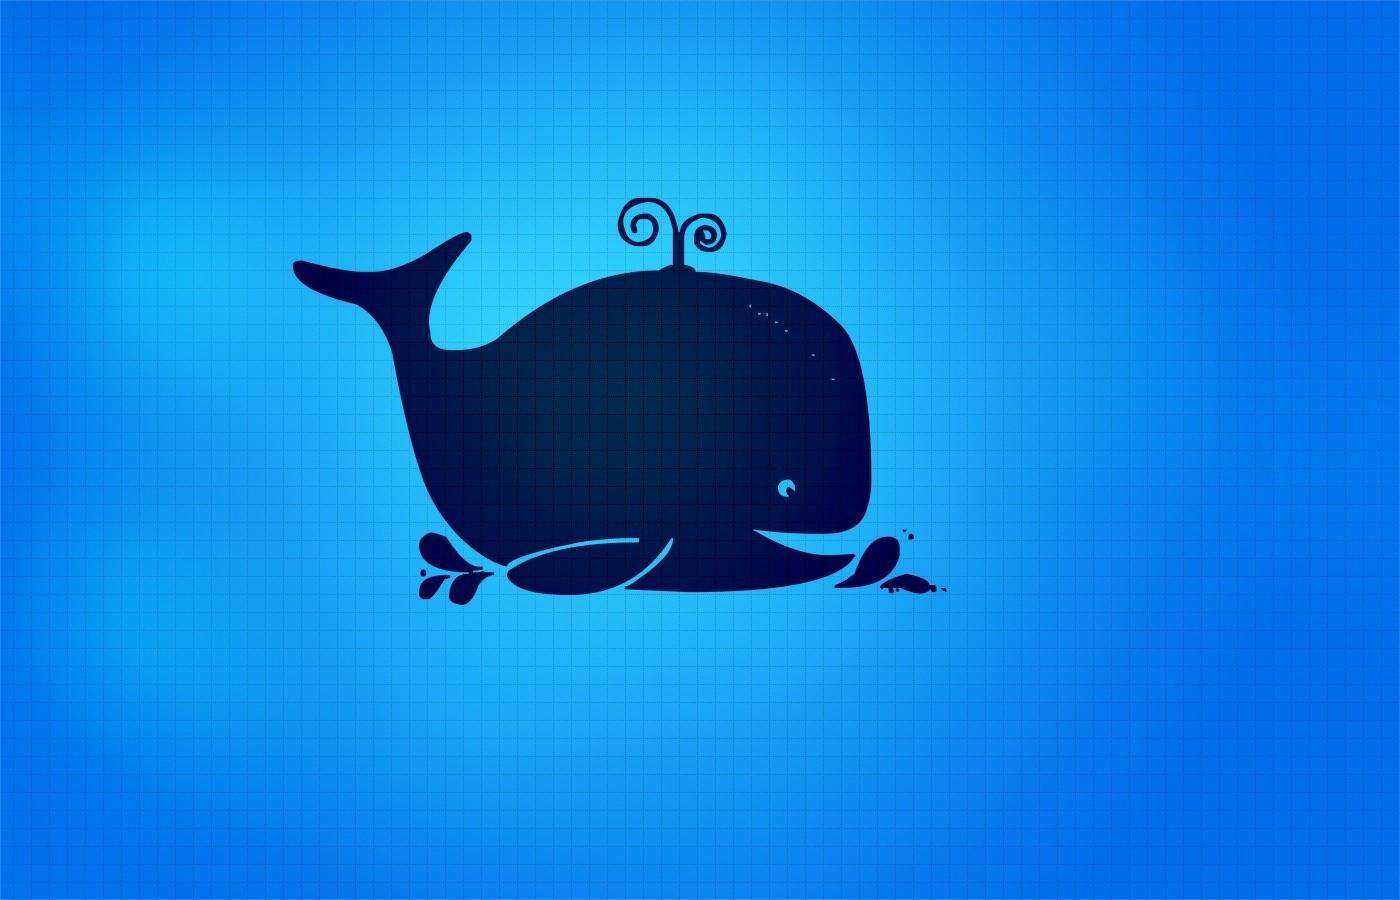 Картинка китов прикольная, дня замечательного